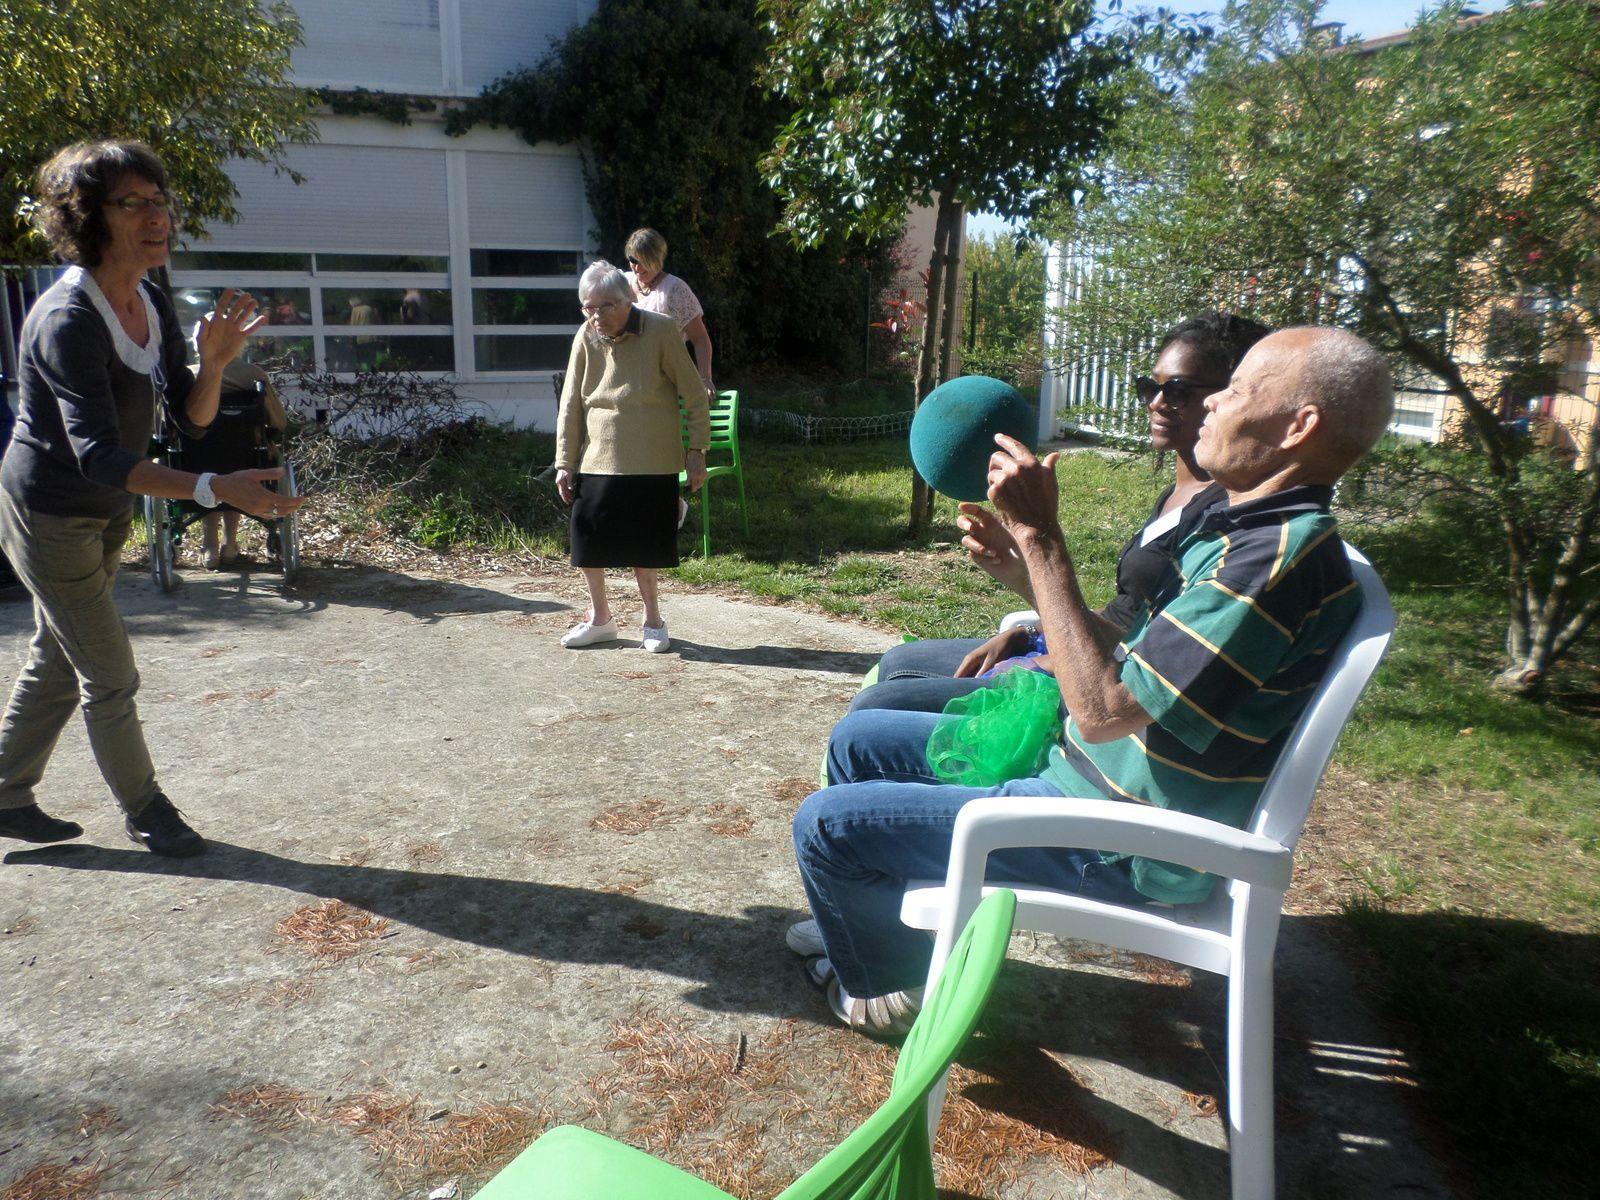 Gym douce et jeu de ballon au jardin